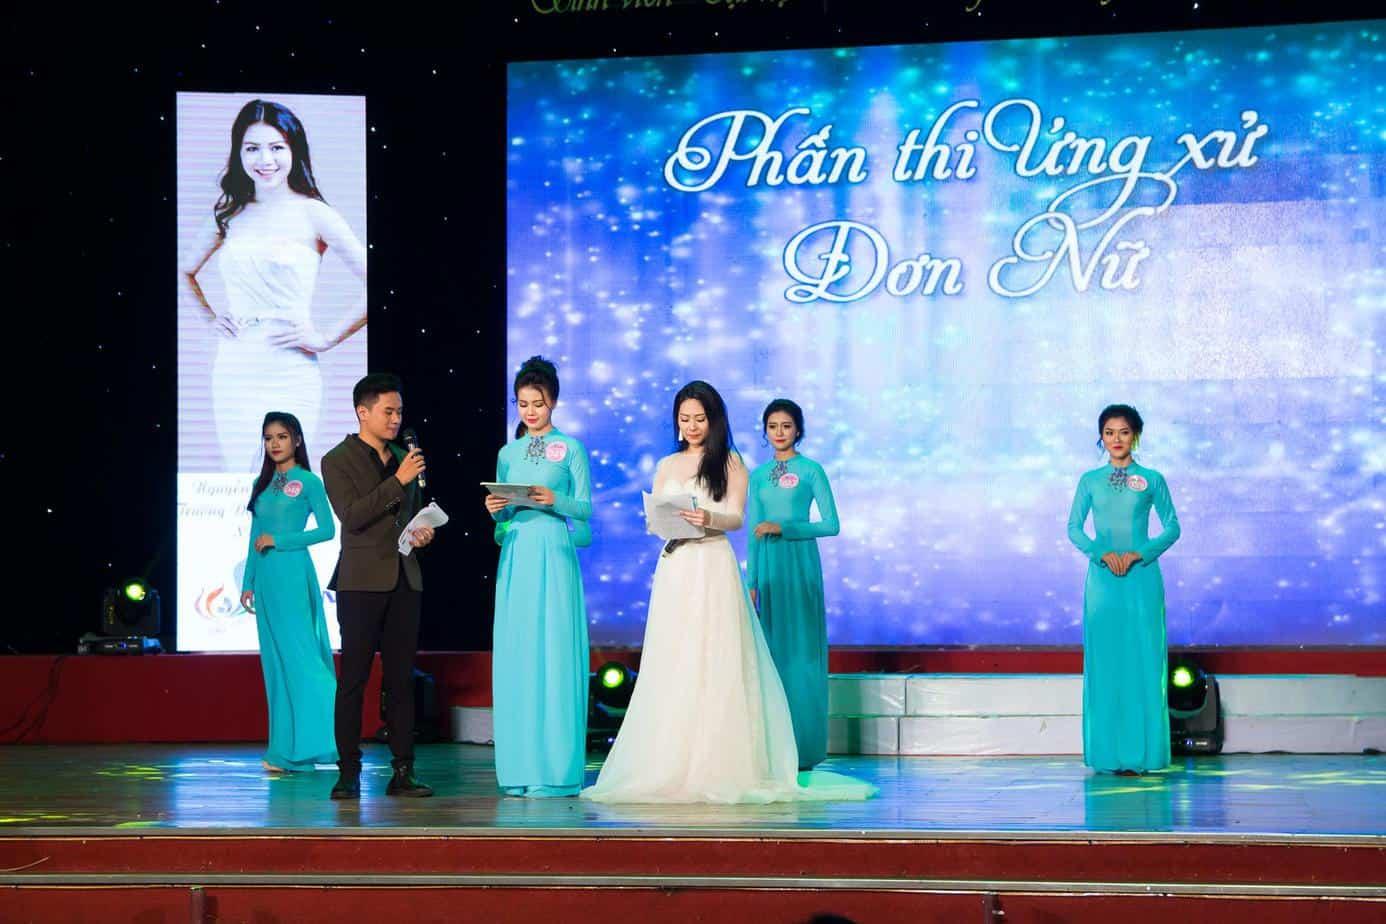 Top 7 Công Ty Tổ Chức Sự Kiện Đẳng Cấp Tại Đà Nẵng - công ty tổ chức sự kiện tại đà nẵng - Công ty tổ chức sự kiện Channel Events | Công ty tổ chức sự kiện Xoo Event | DANA MEDIA 25